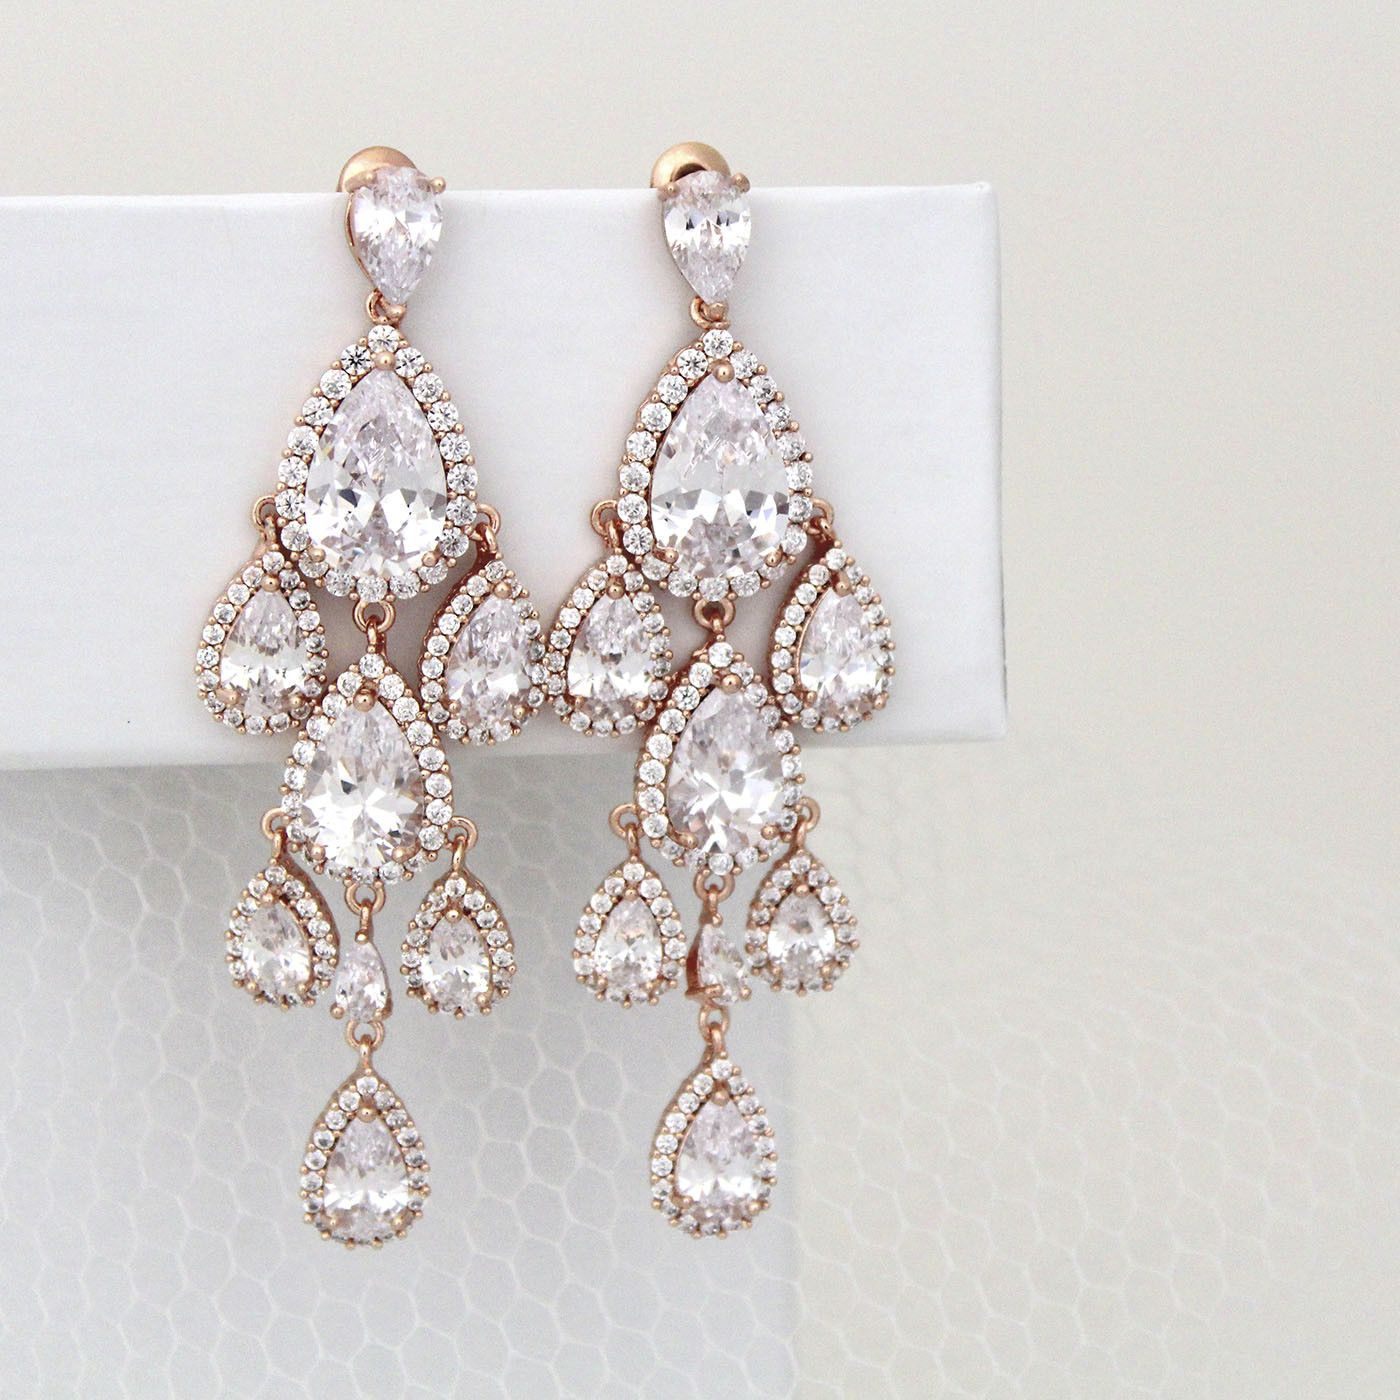 Rose gold Teardrop Chandelier earrings